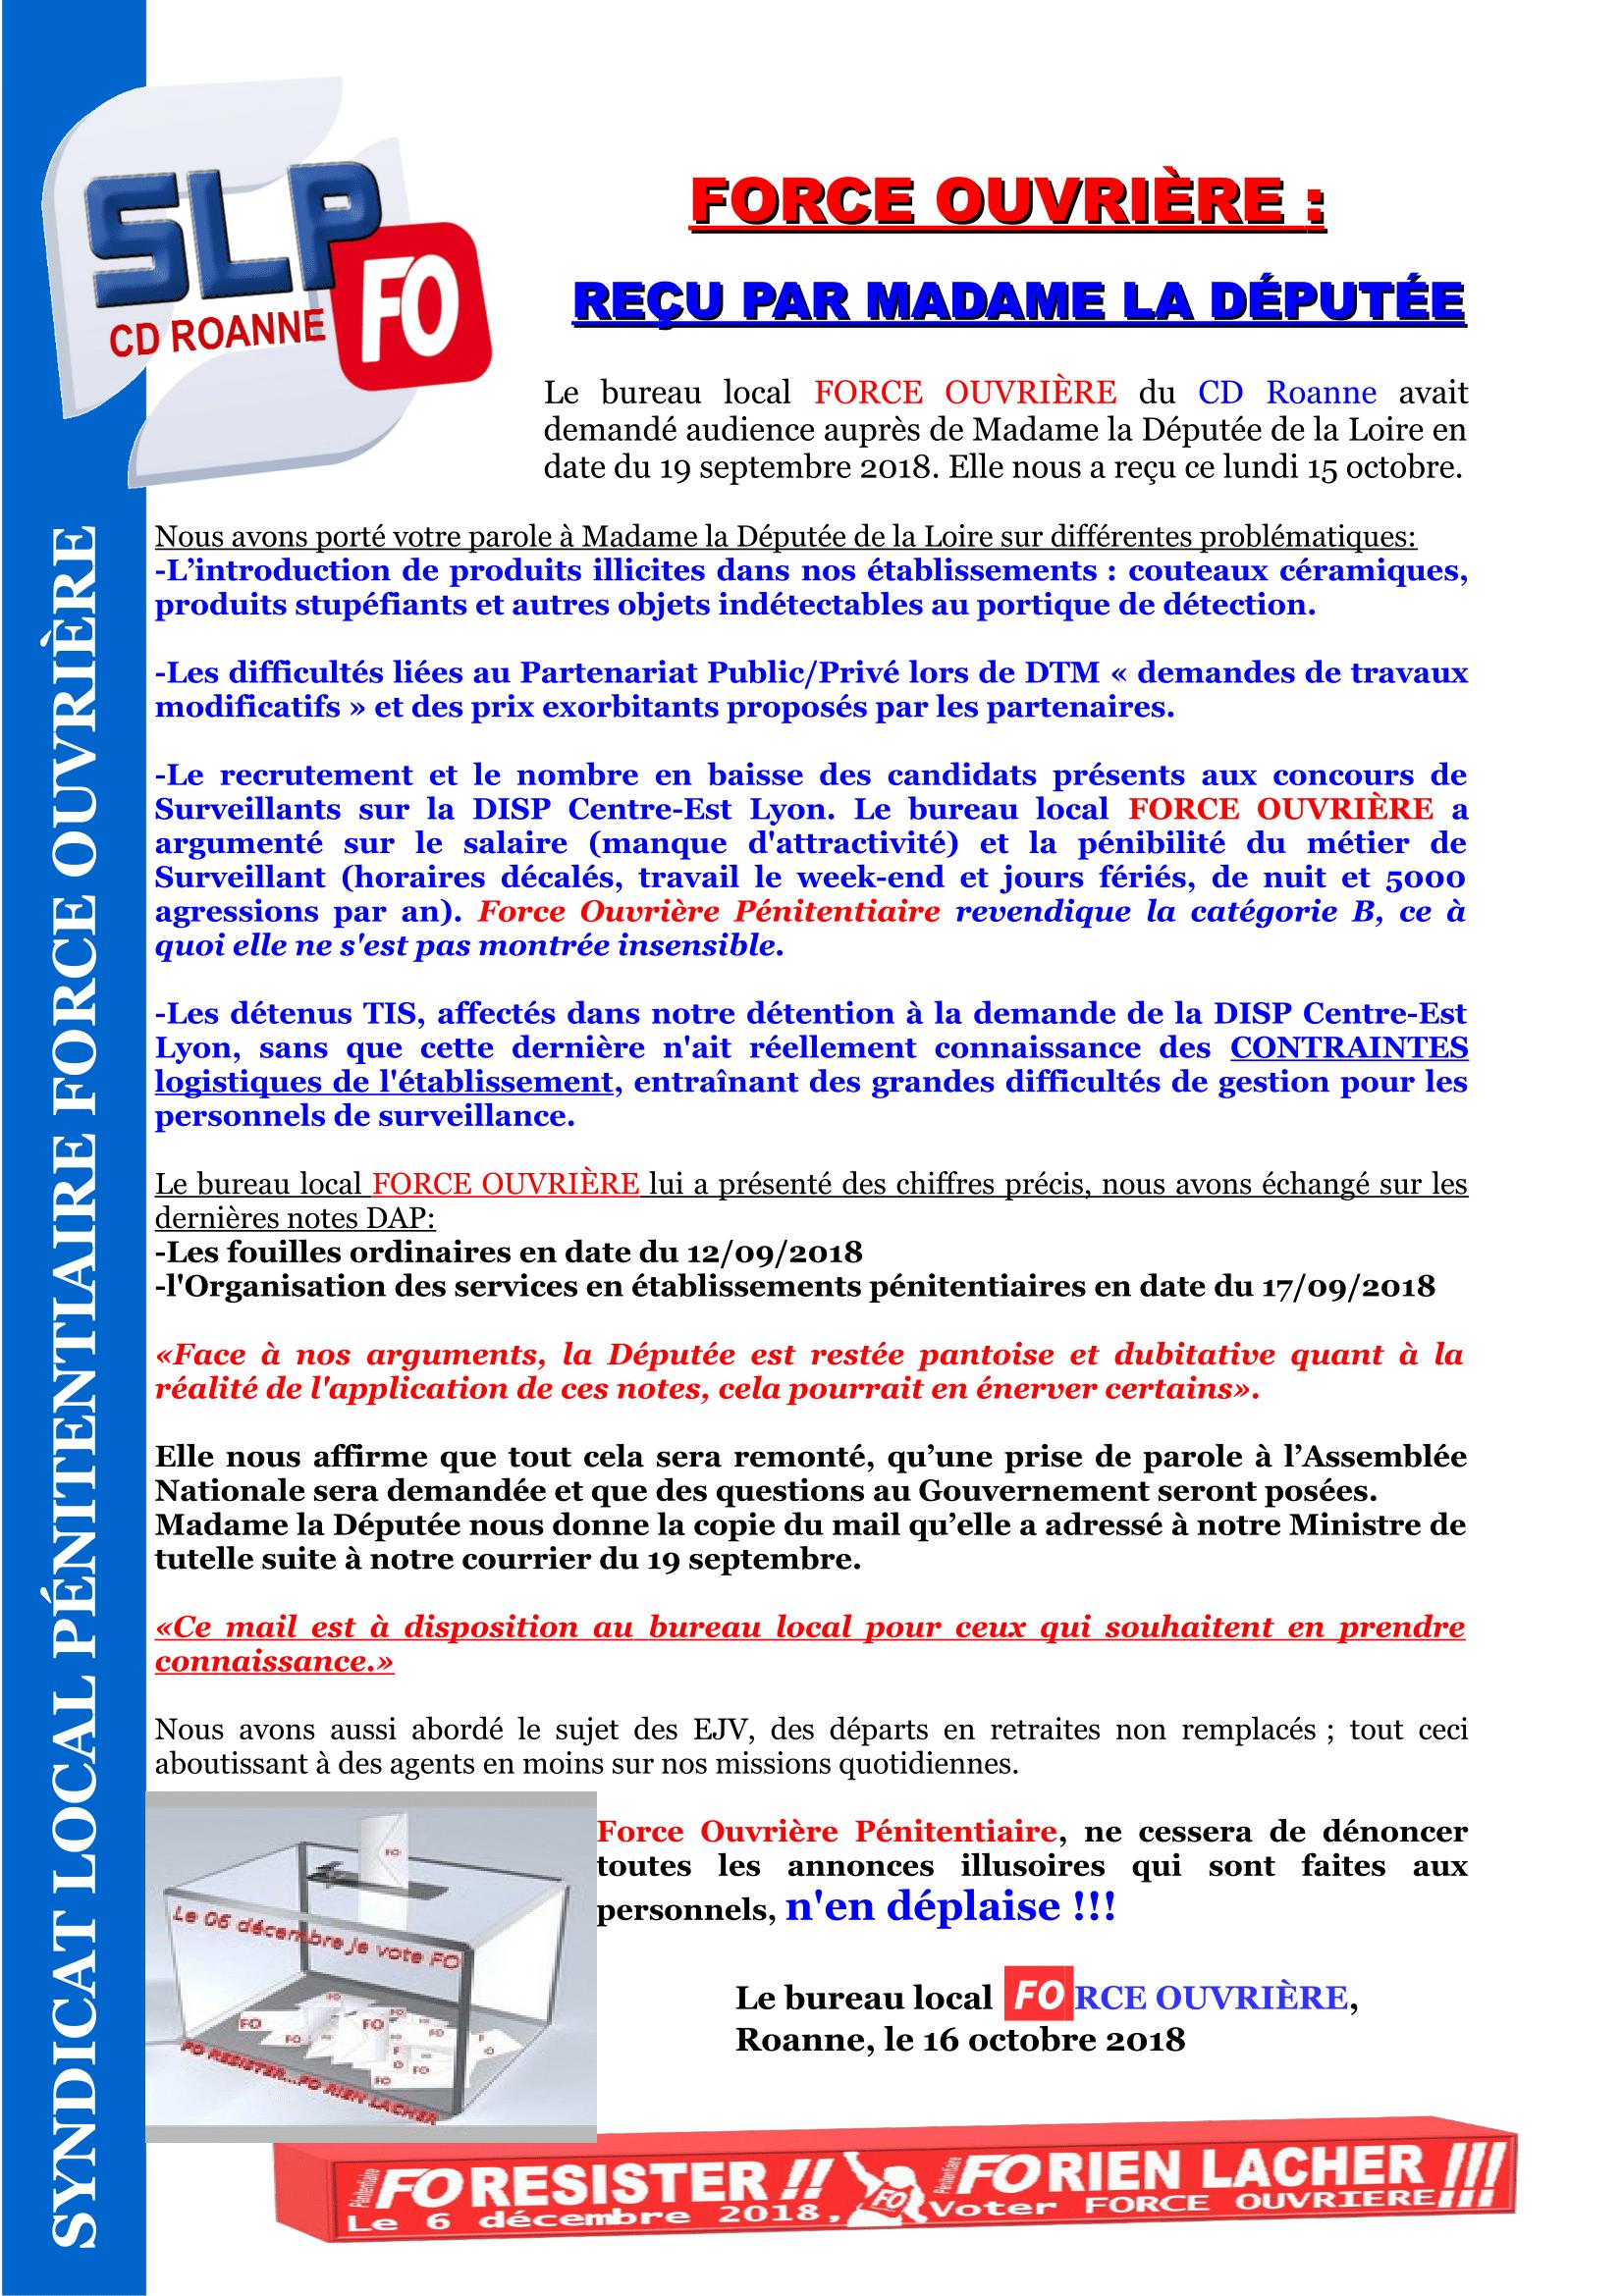 FO reçu par la Députée de la Loire-1